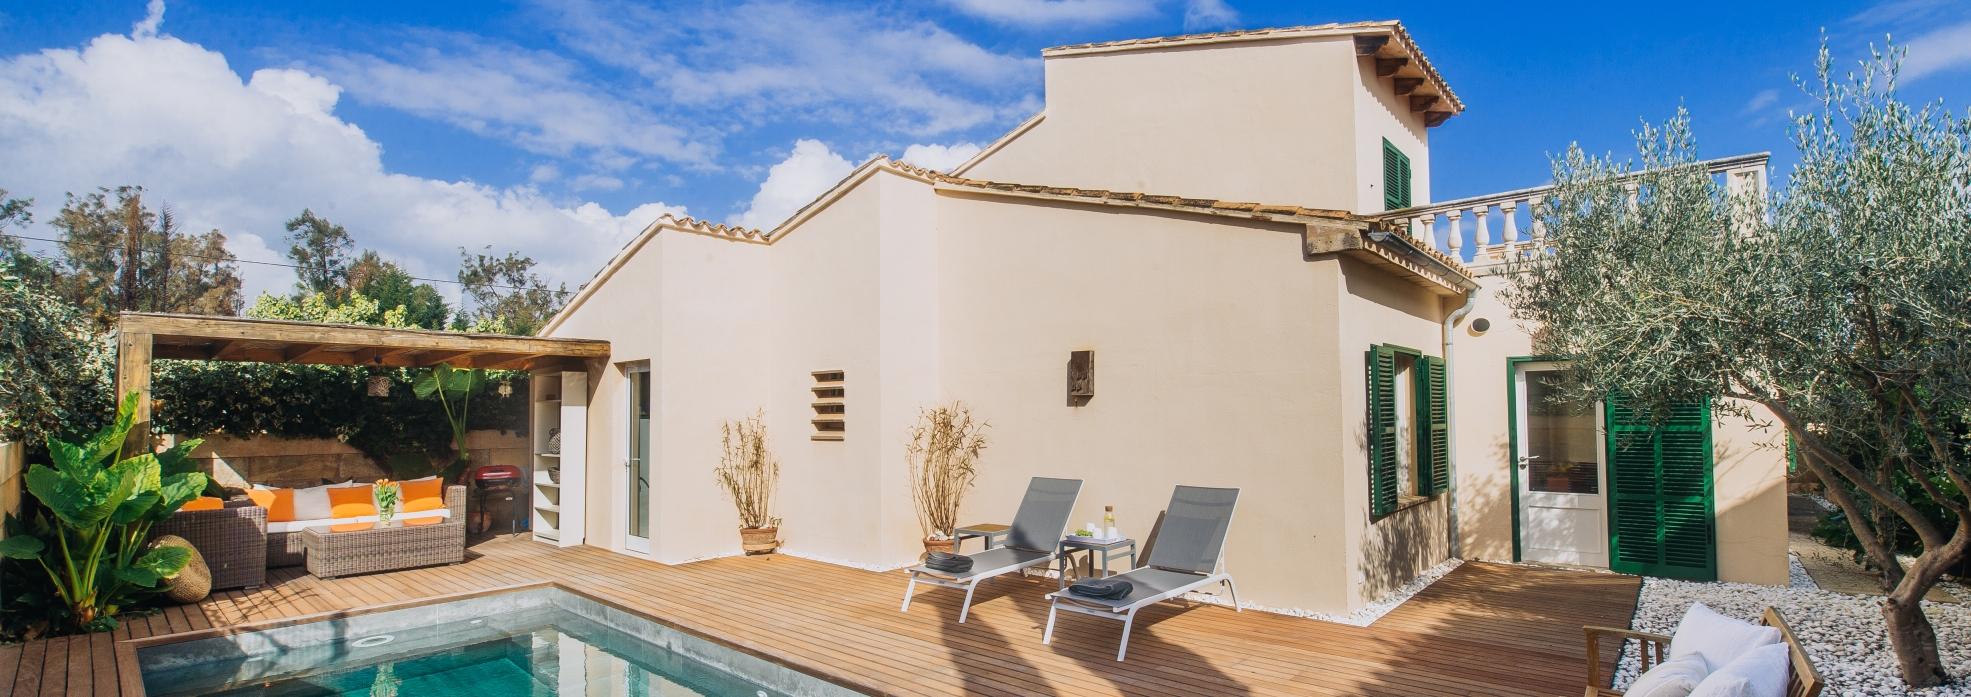 Schönes Stadthaus in Cala Millor für bis zu 6 Personen